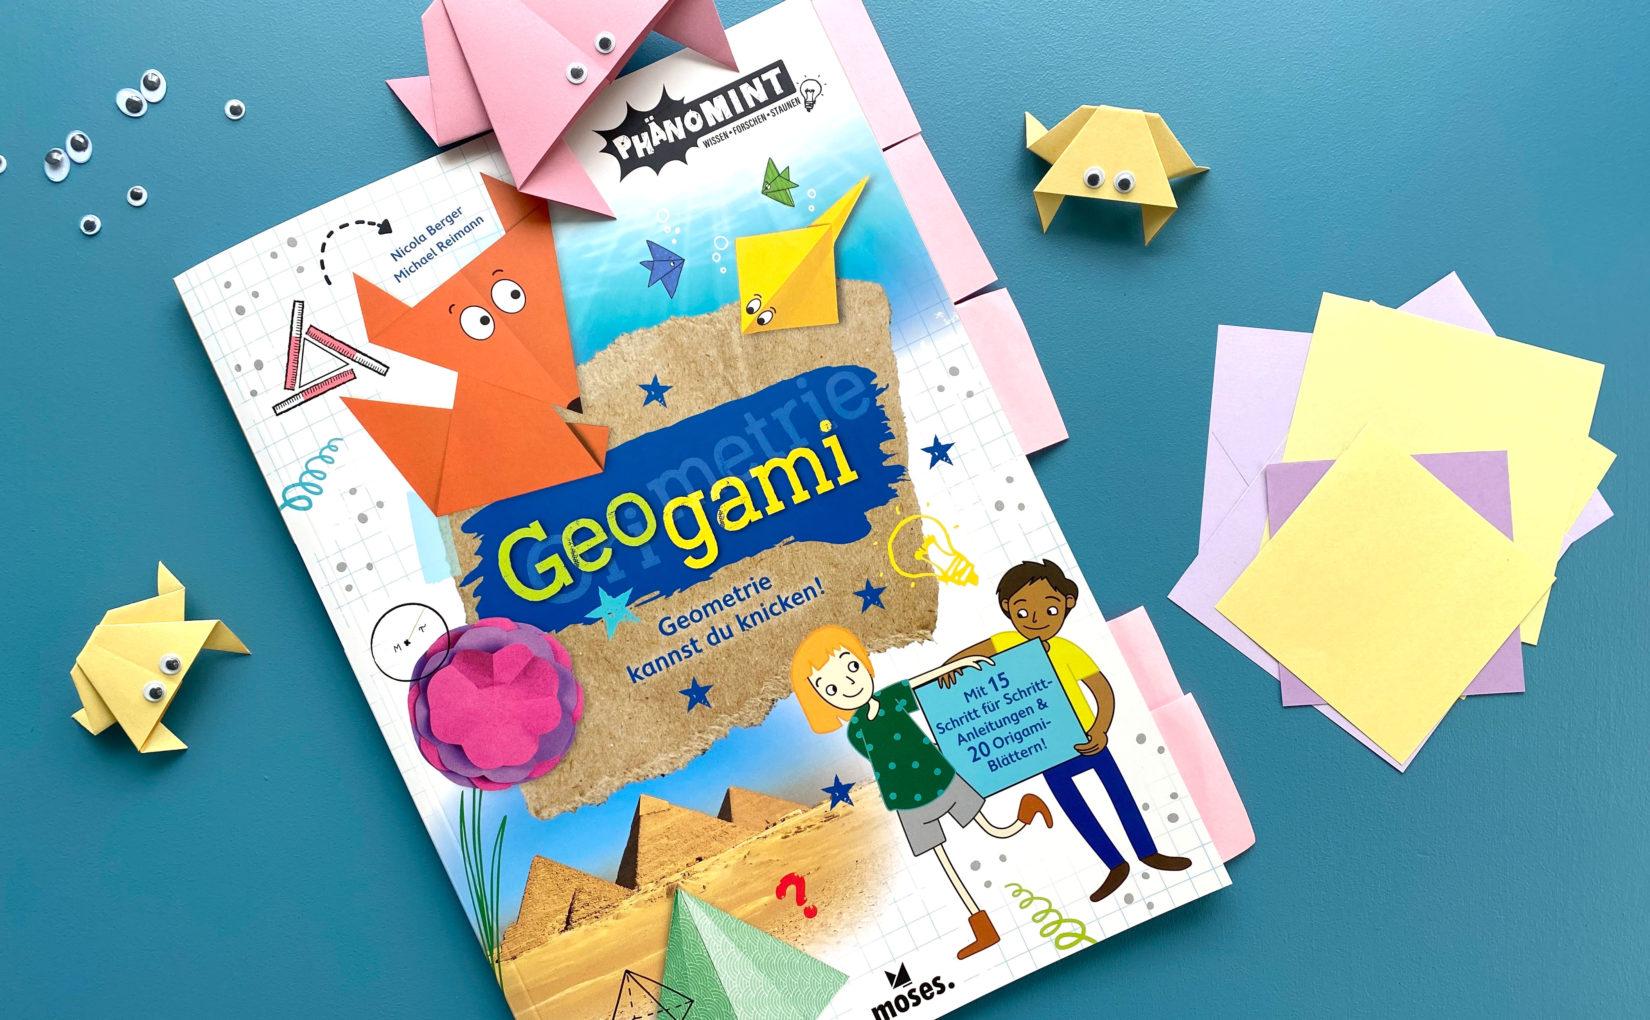 Geogami – Geometrie kannst du knicken!